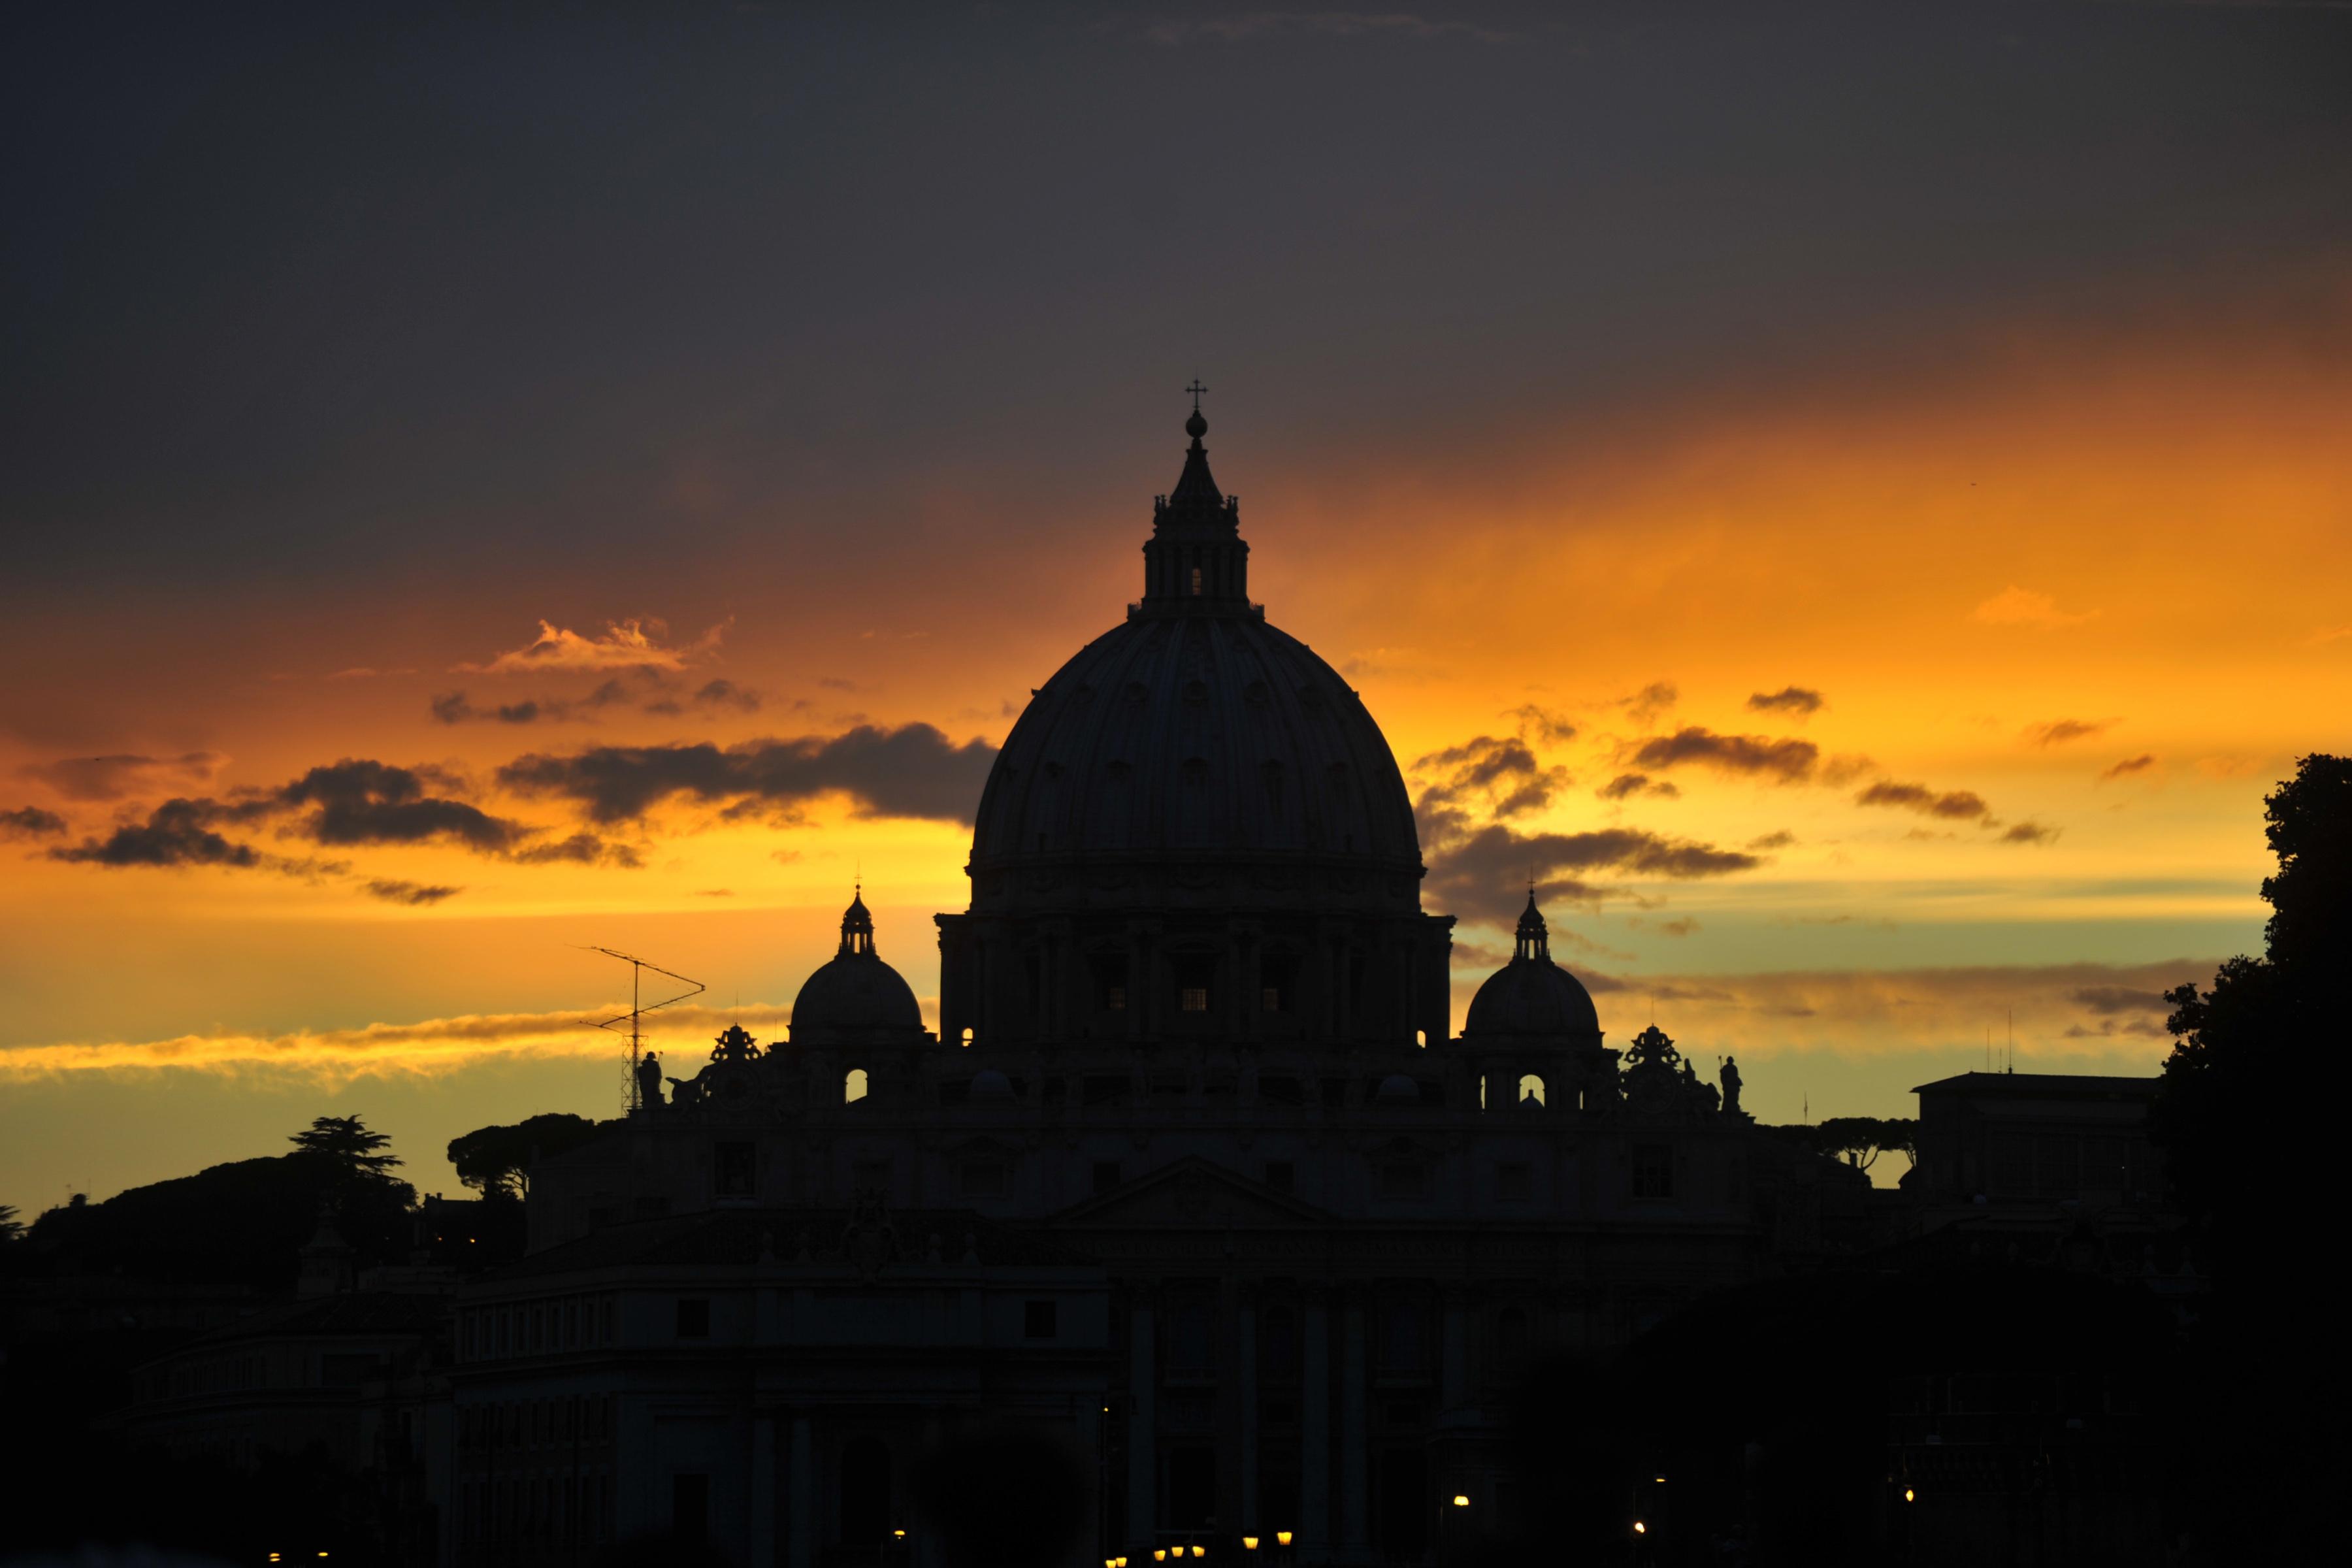 I 10 tramonti pi belli di roma for I pavimenti piu belli